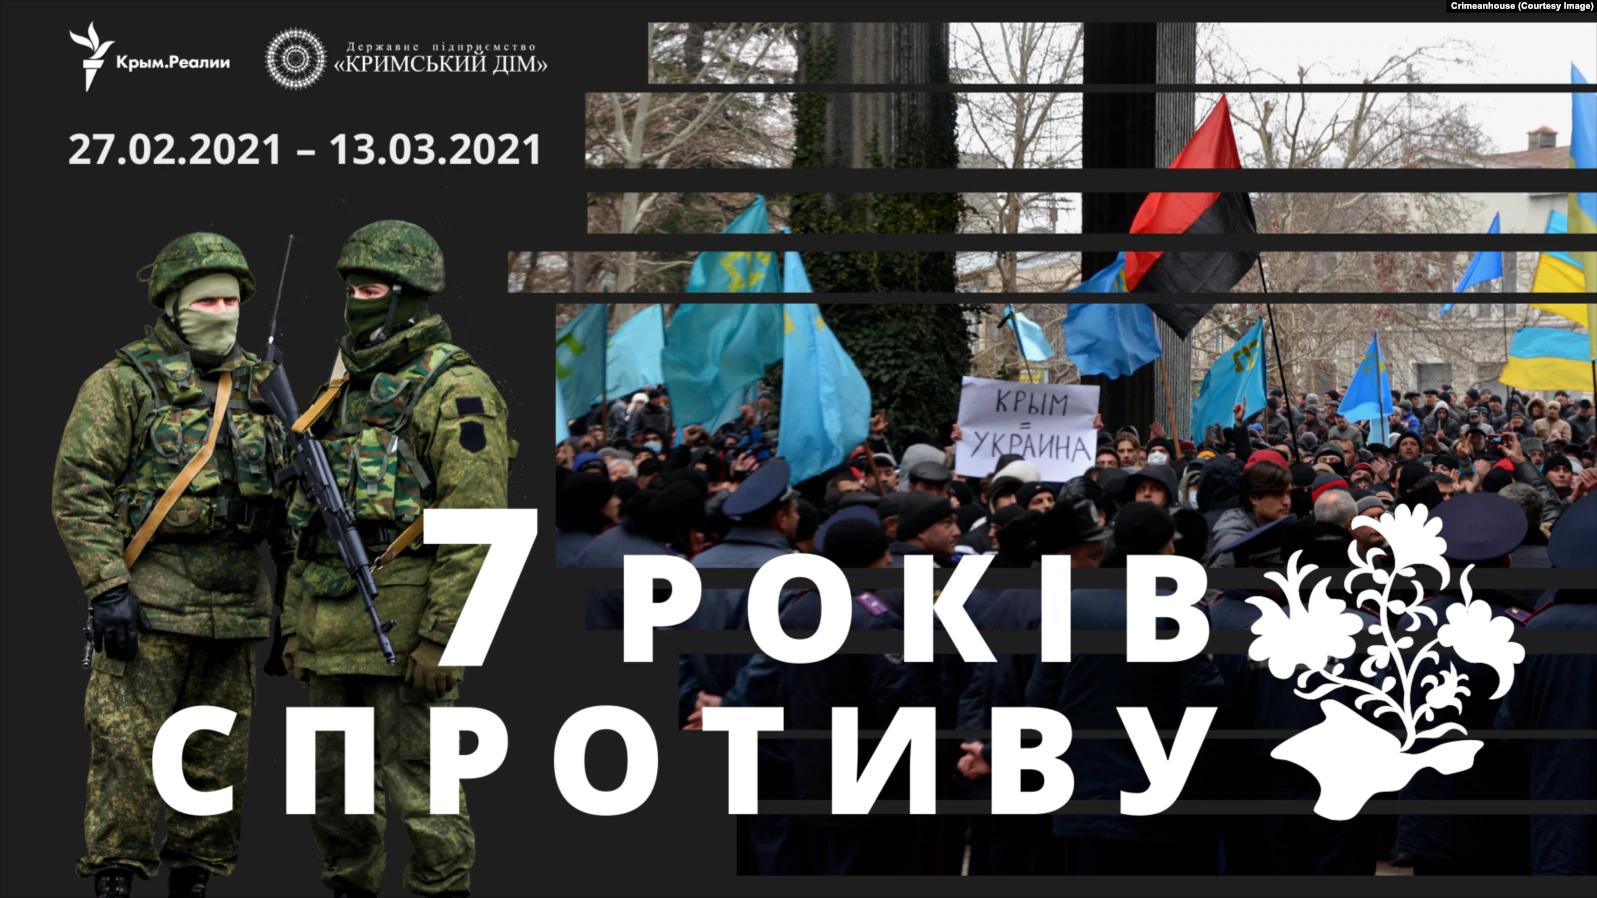 Ко Дню сопротивления оккупации Крыма и Севастополя в 2021 году в Киеве пройдет выставка архивных фото- и видеоматериалов